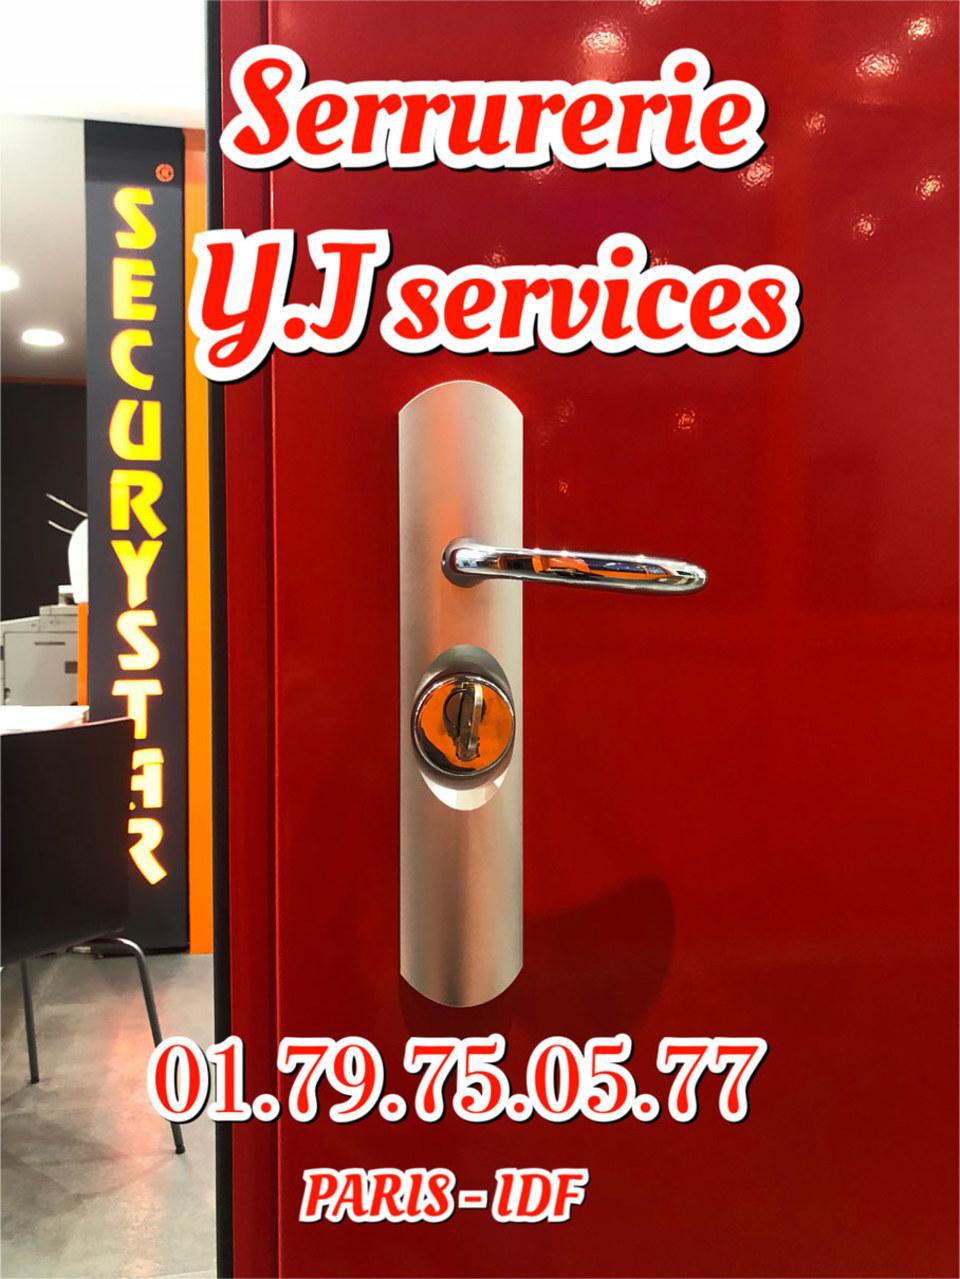 Serrurier à Bagnolet YJ Services